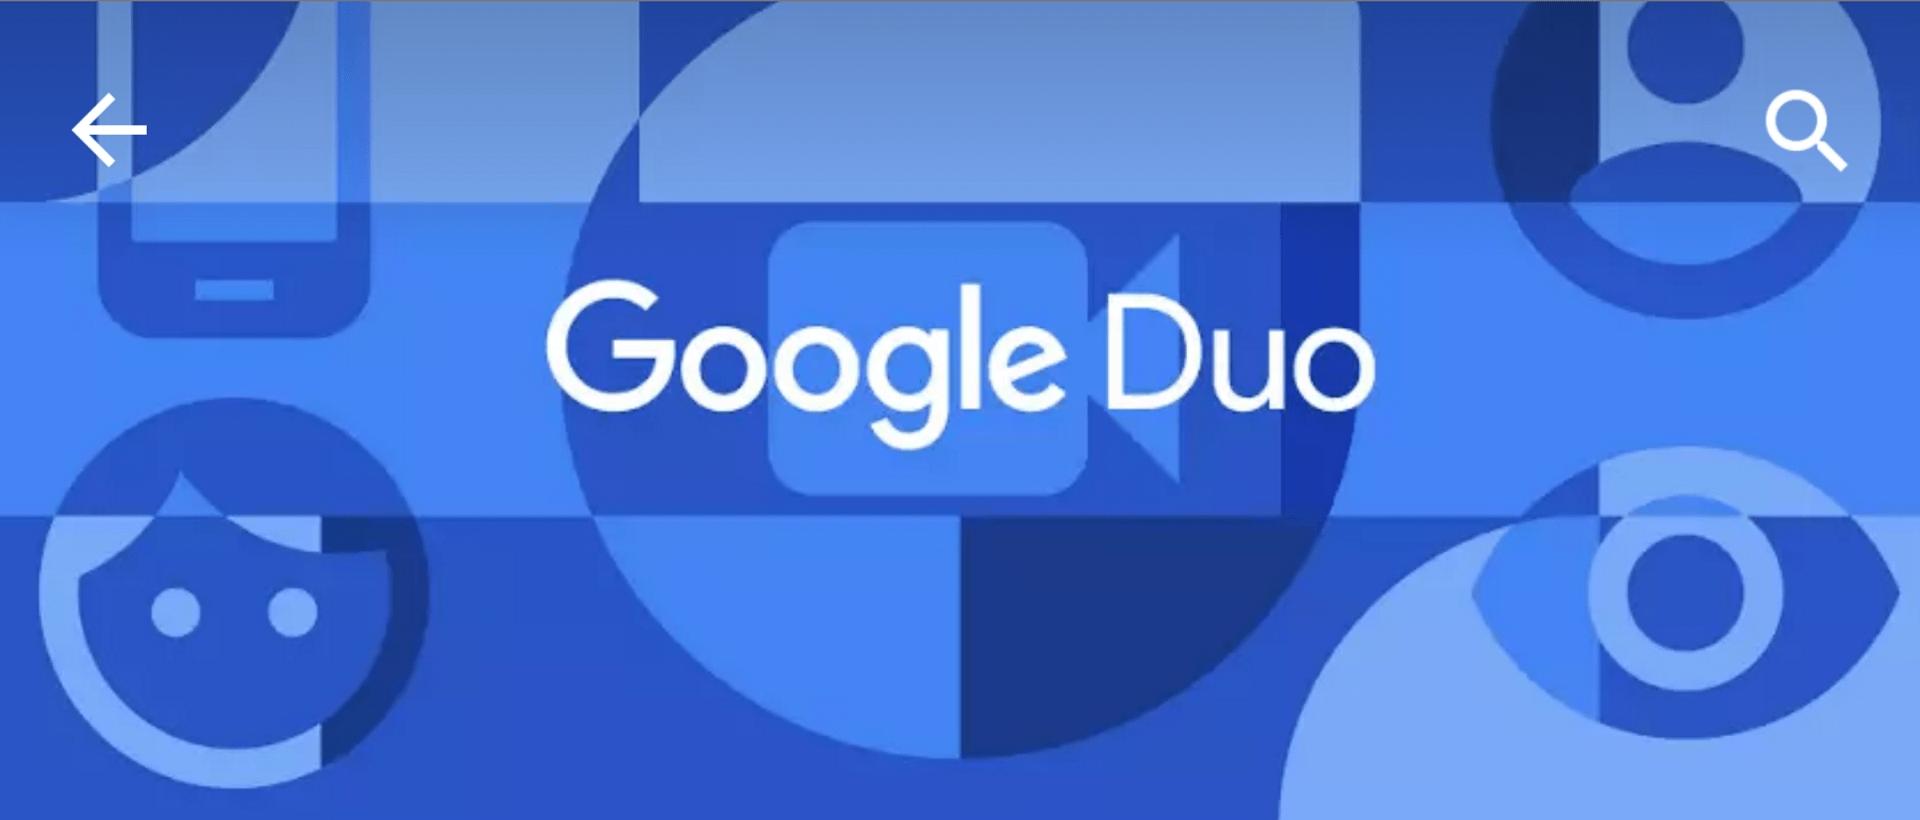 Google Duo mění způsob ovládání